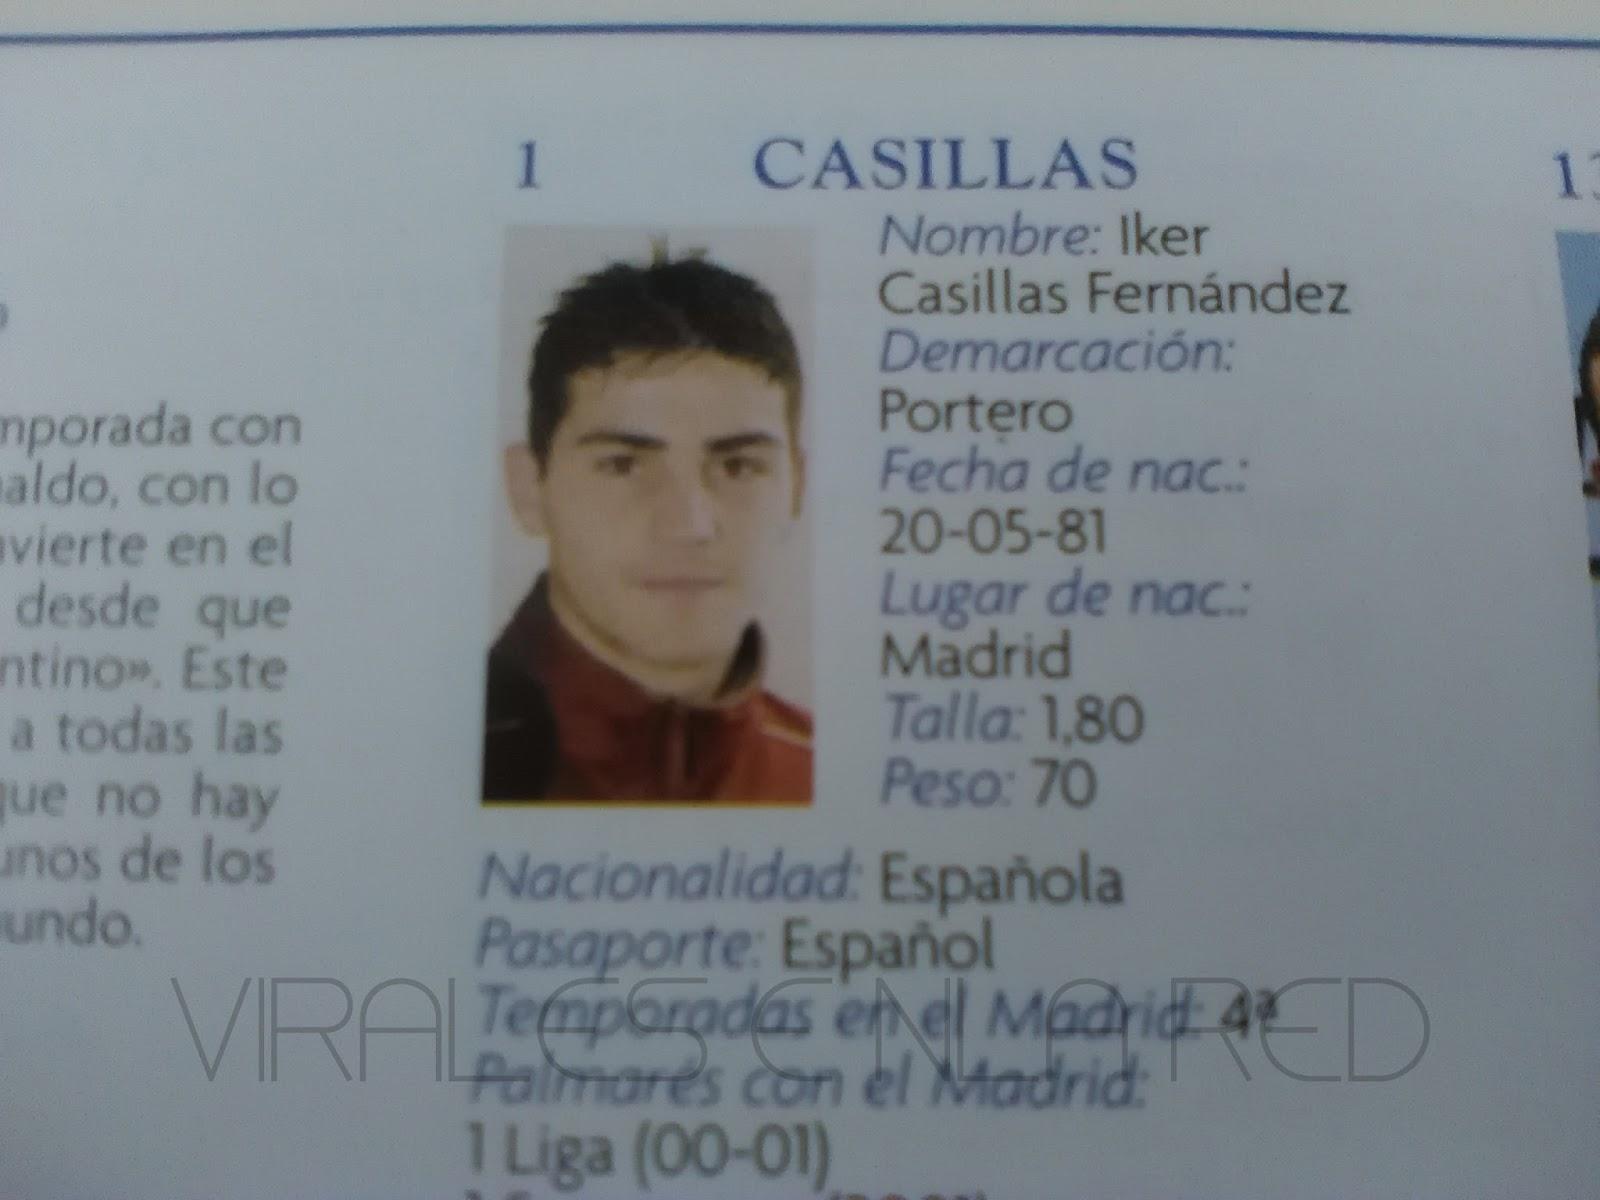 ¿Cuánto mide Iker Casillas? - Estatura real: 1,82 - Real height 2015-06-29%2B13.51